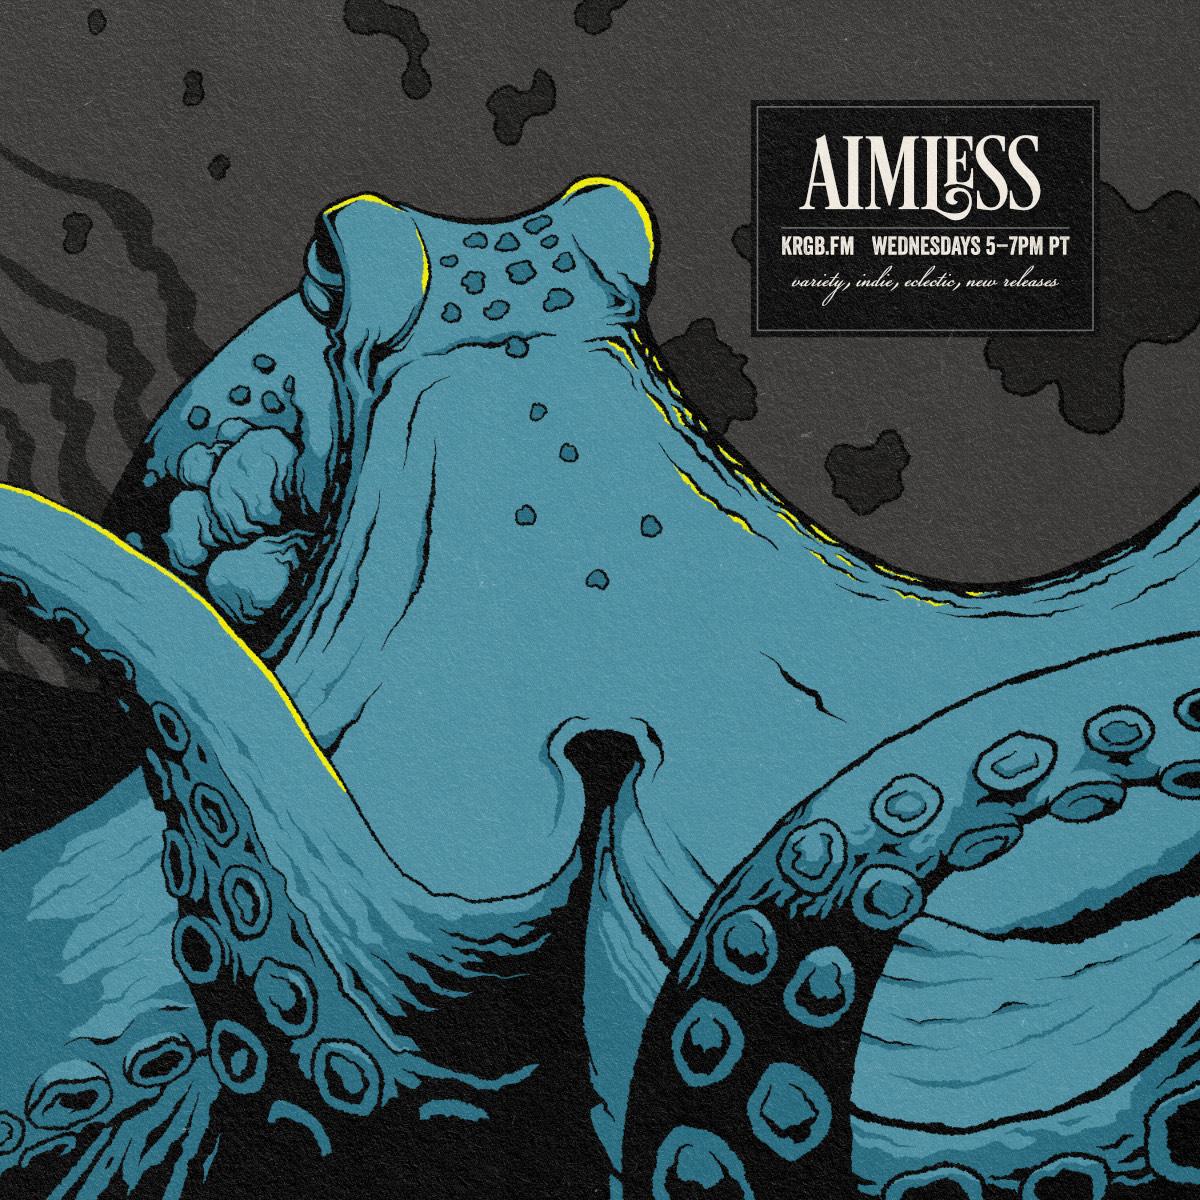 Aimless octopus show art